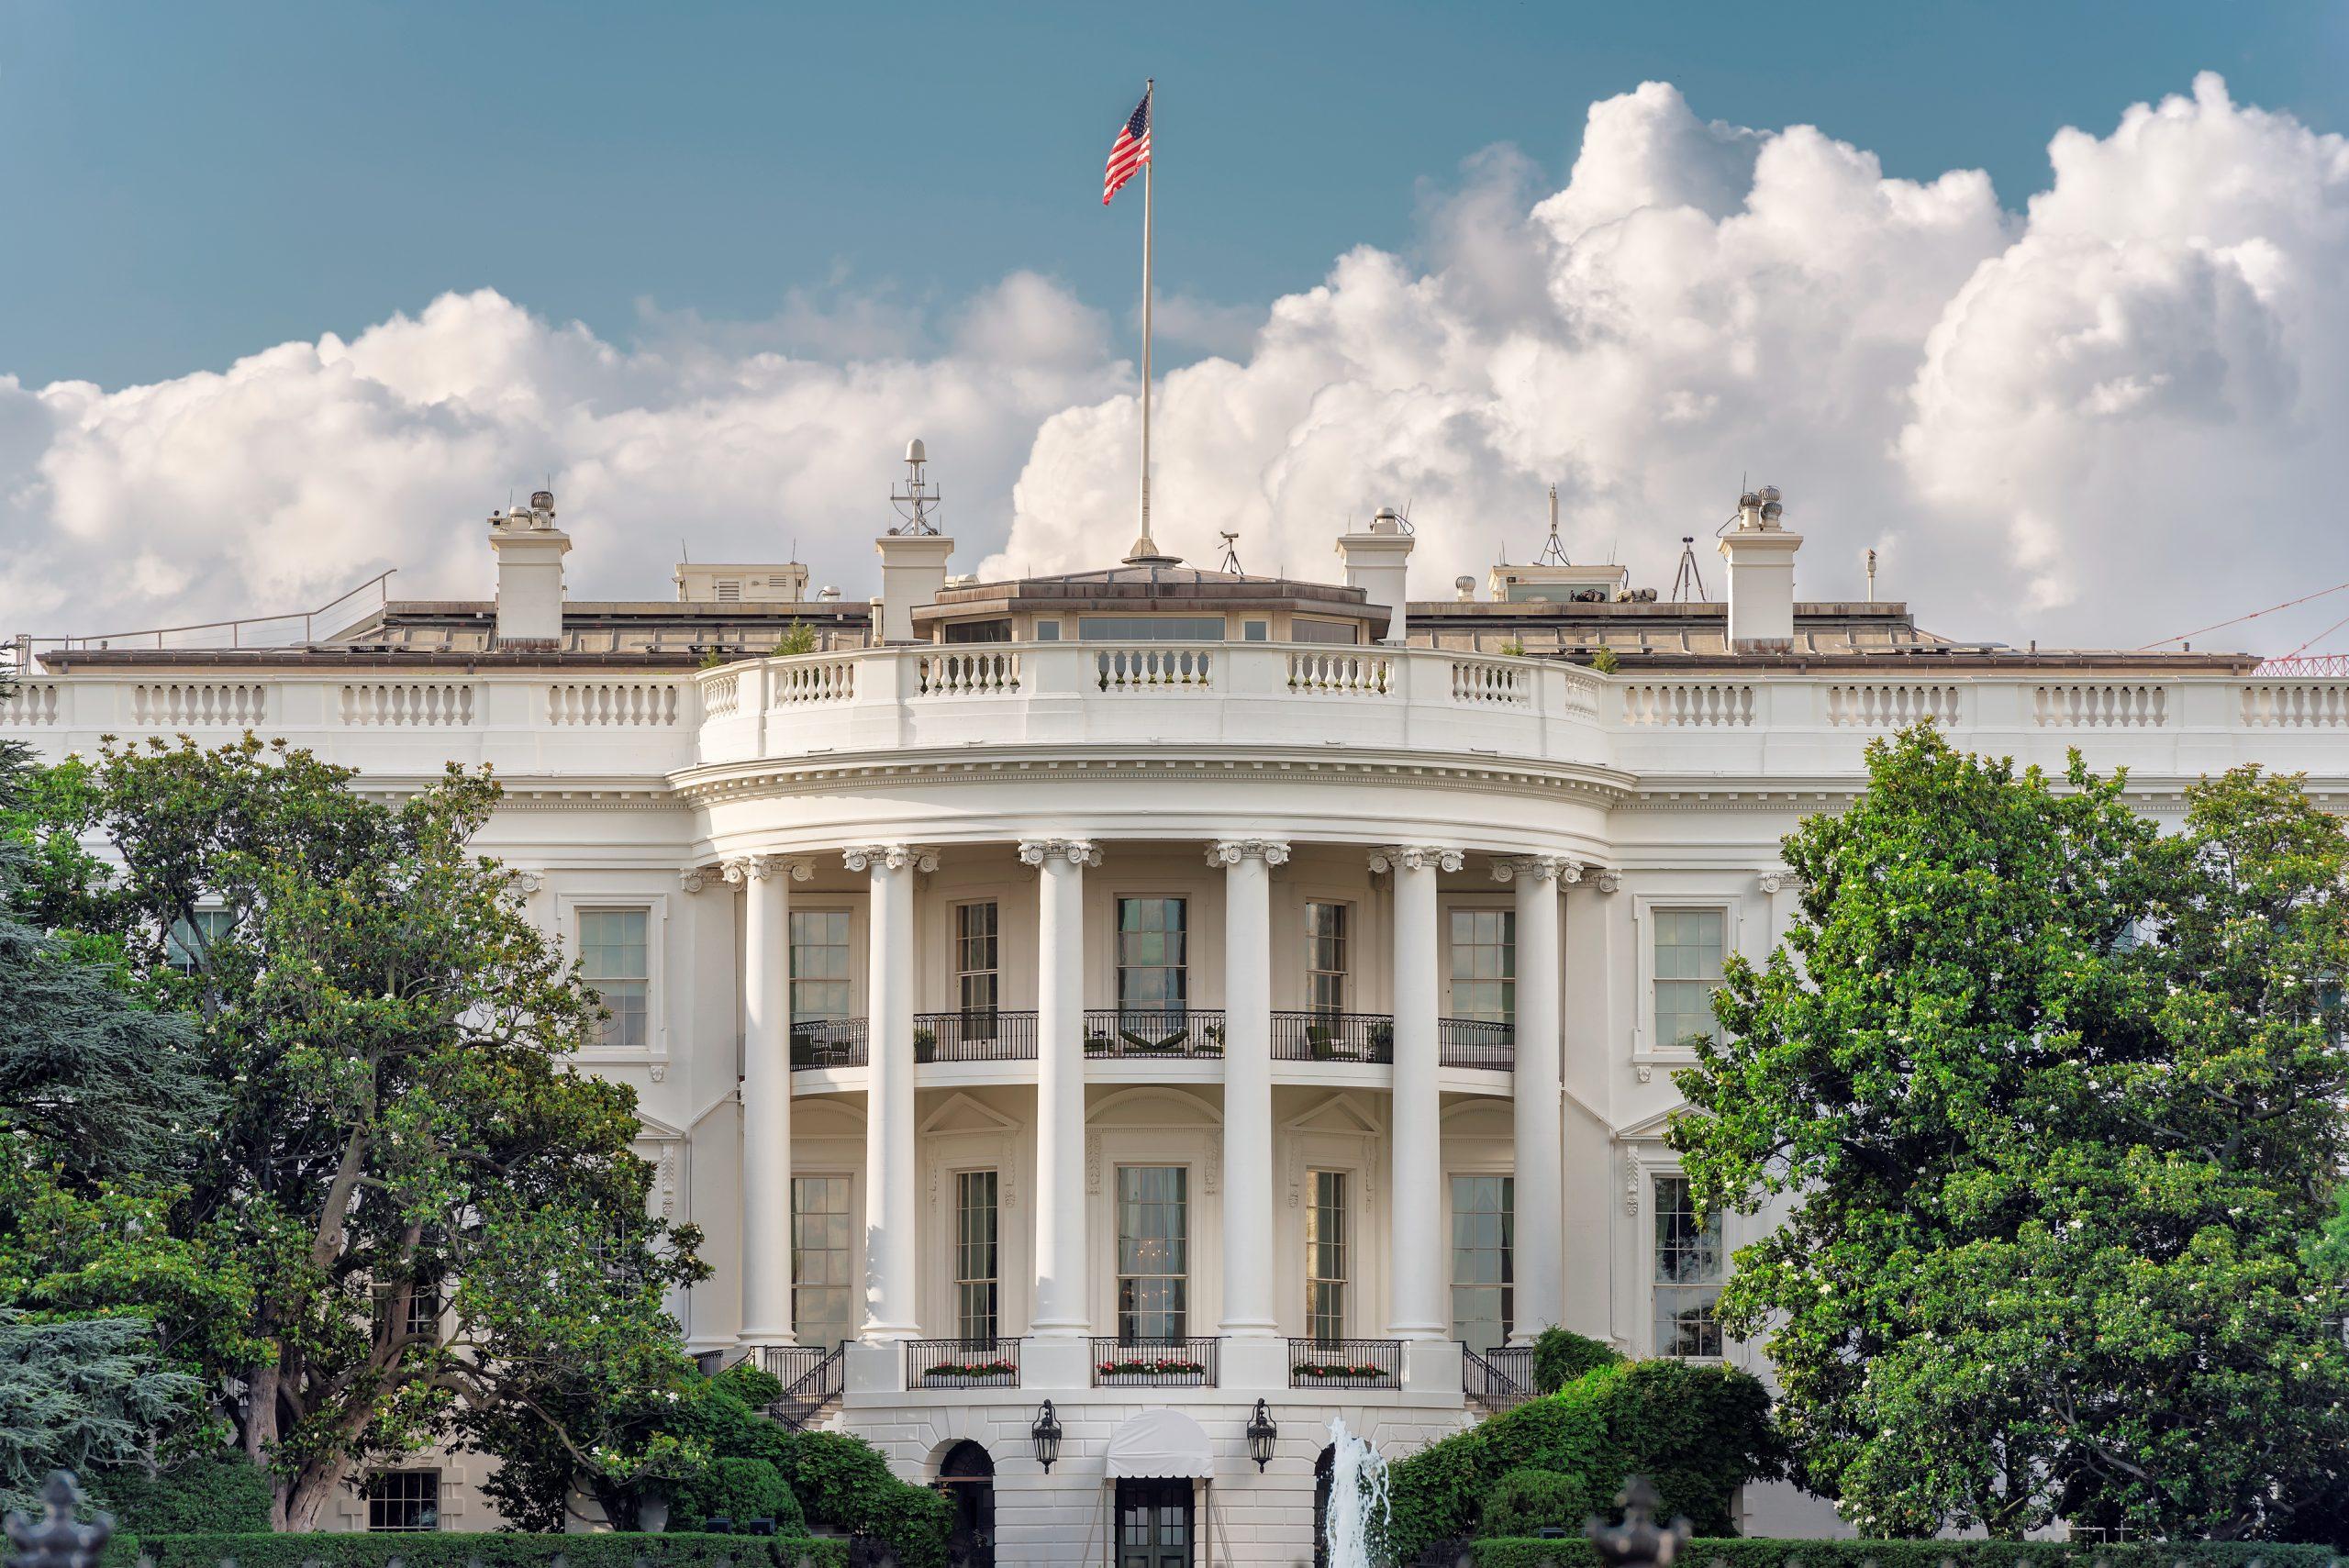 USA: Nationaler Sicherheitsrat bezichtigt Chinas Regime der Vertuschung des vollen Corona-Ausmaßes